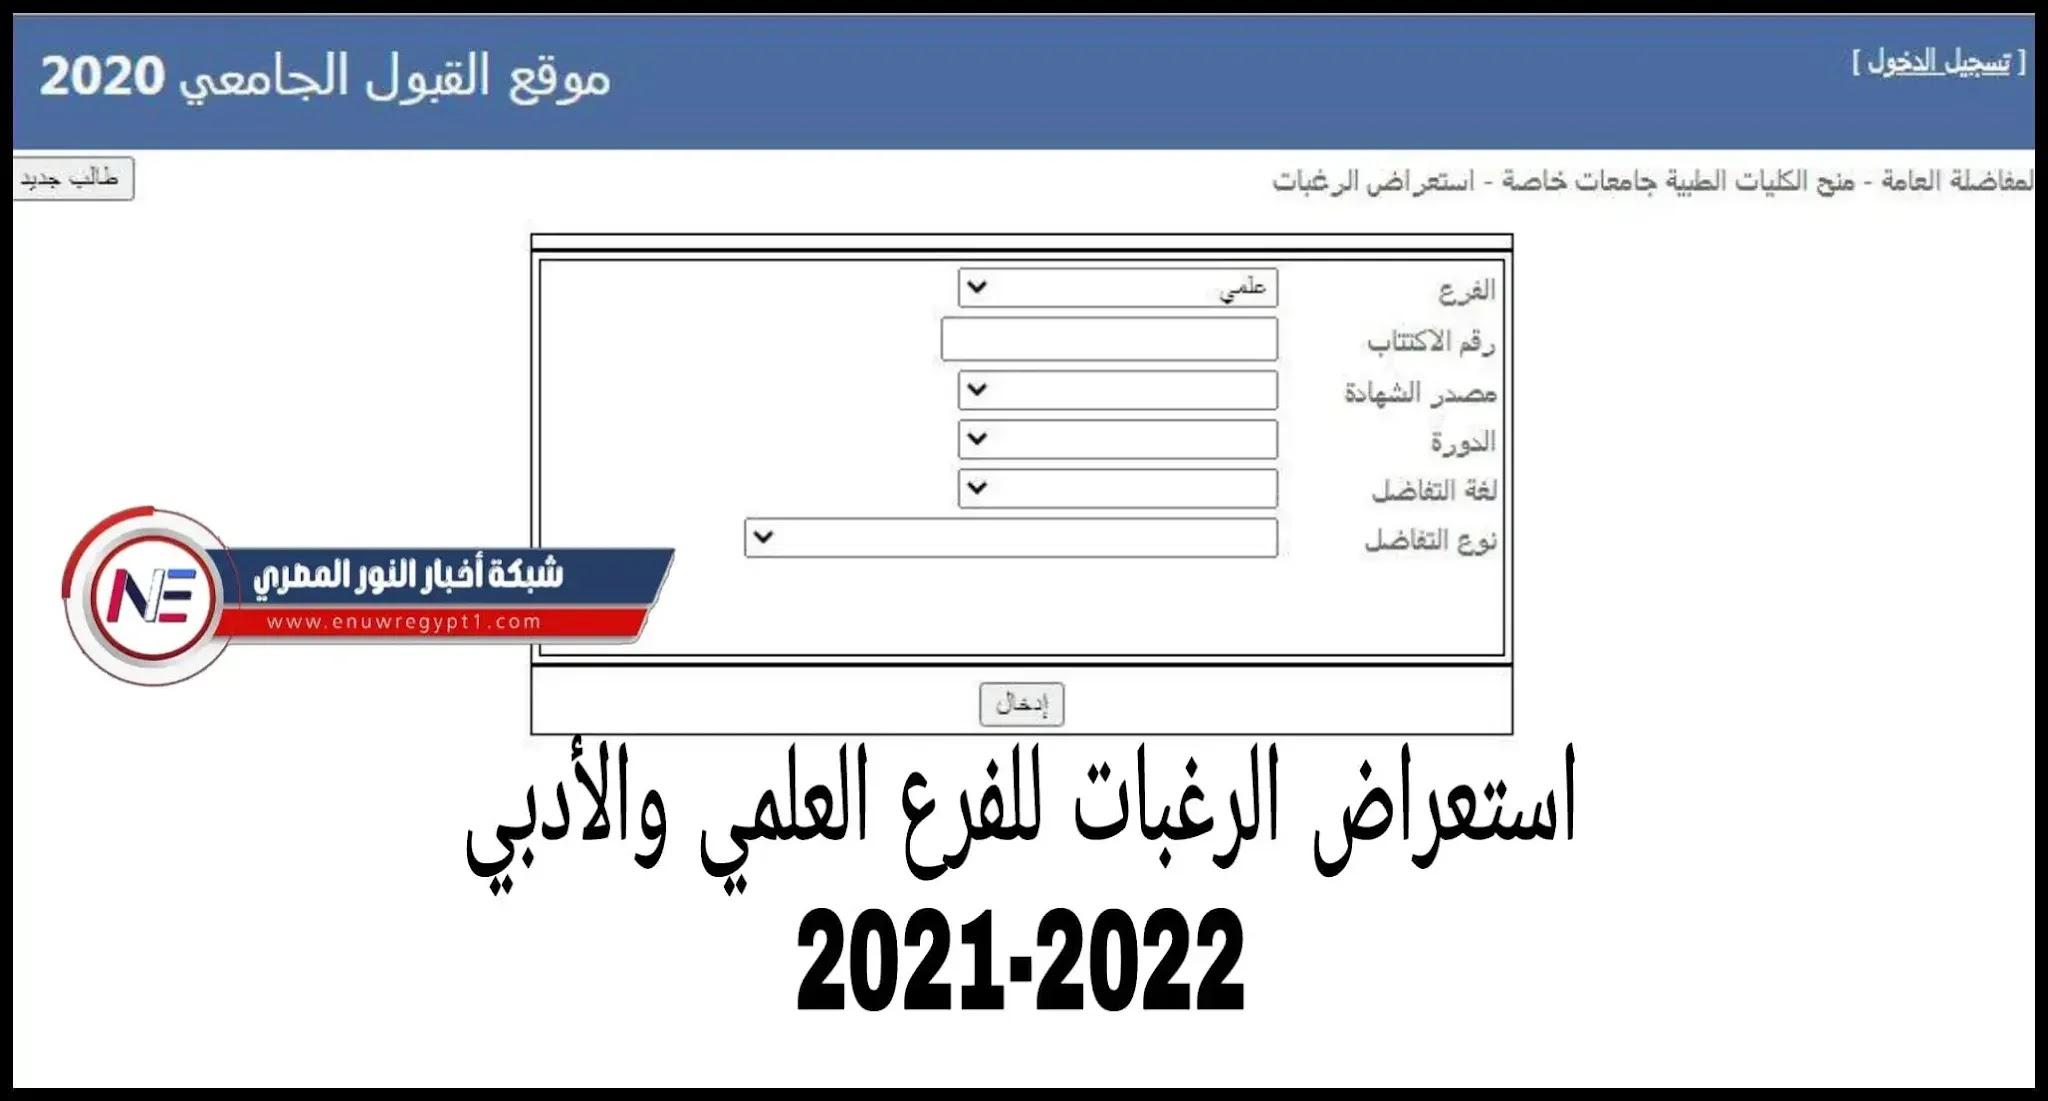 استعراض الرغبات للمفاضلة العامة للبكالوريا فرع علمي والتسجيل المباشر للفرع الأدبي للعام الدراسي 2021-2022 في سوريا